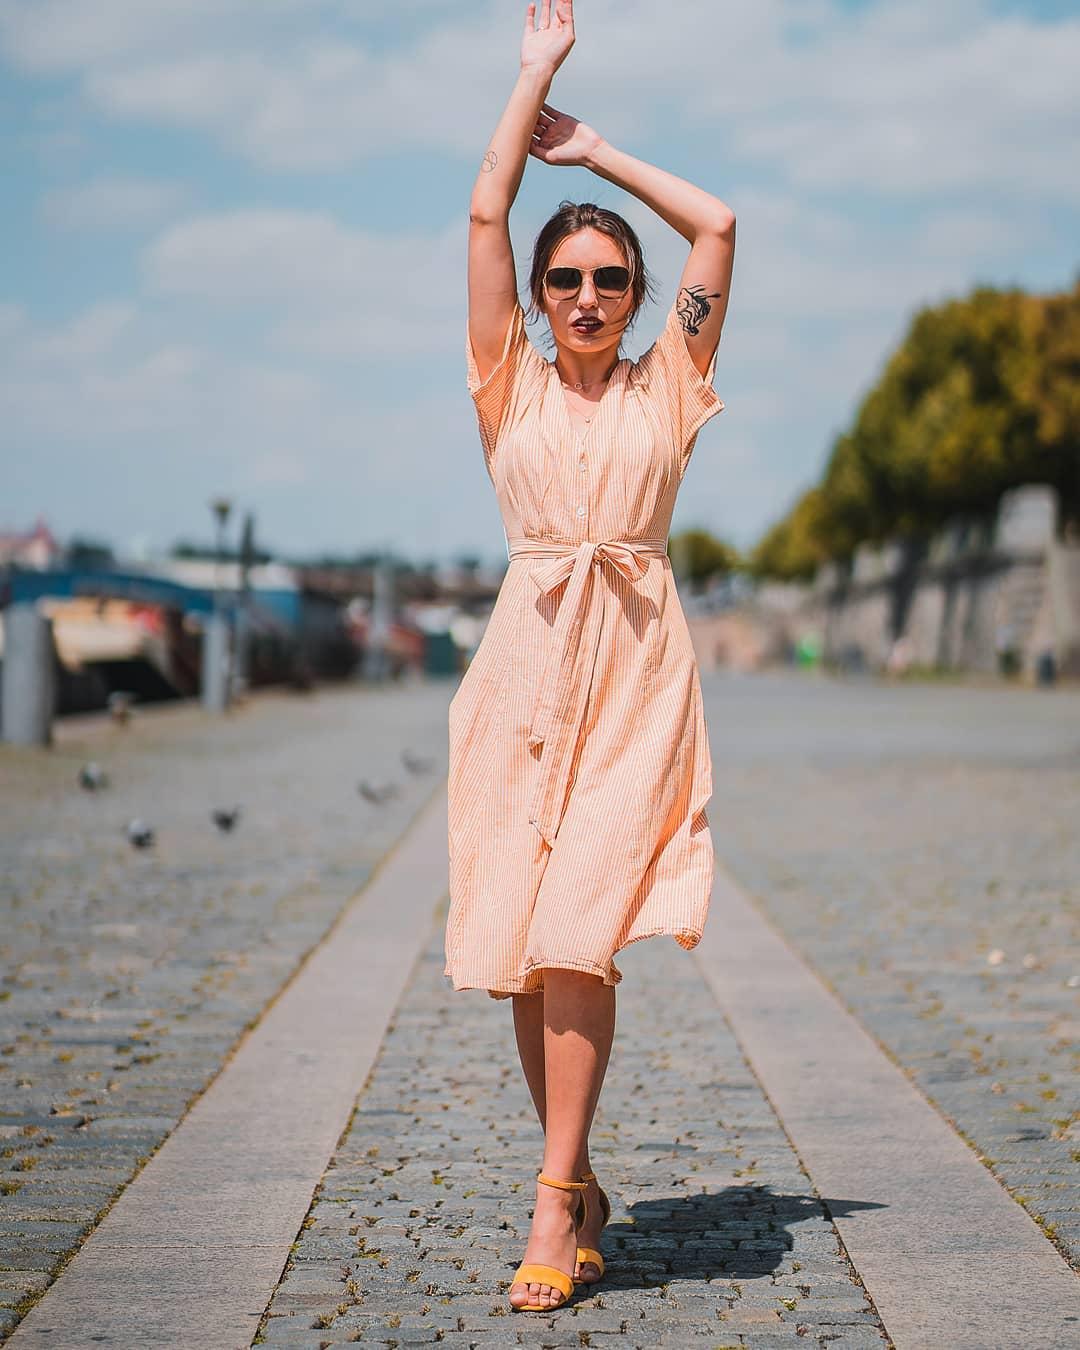 Taky Vám ty sluneční dny chyběly tak jak nám?  . . . . . #slunecnibryle #sunglasses #Givenchy #praha #vasecocky #sunglassesfashion #sunglasseslover #sunglassesstyle #sunglassestrends #fashioneyewear #eyewearfashion #sunnies #instaglasses